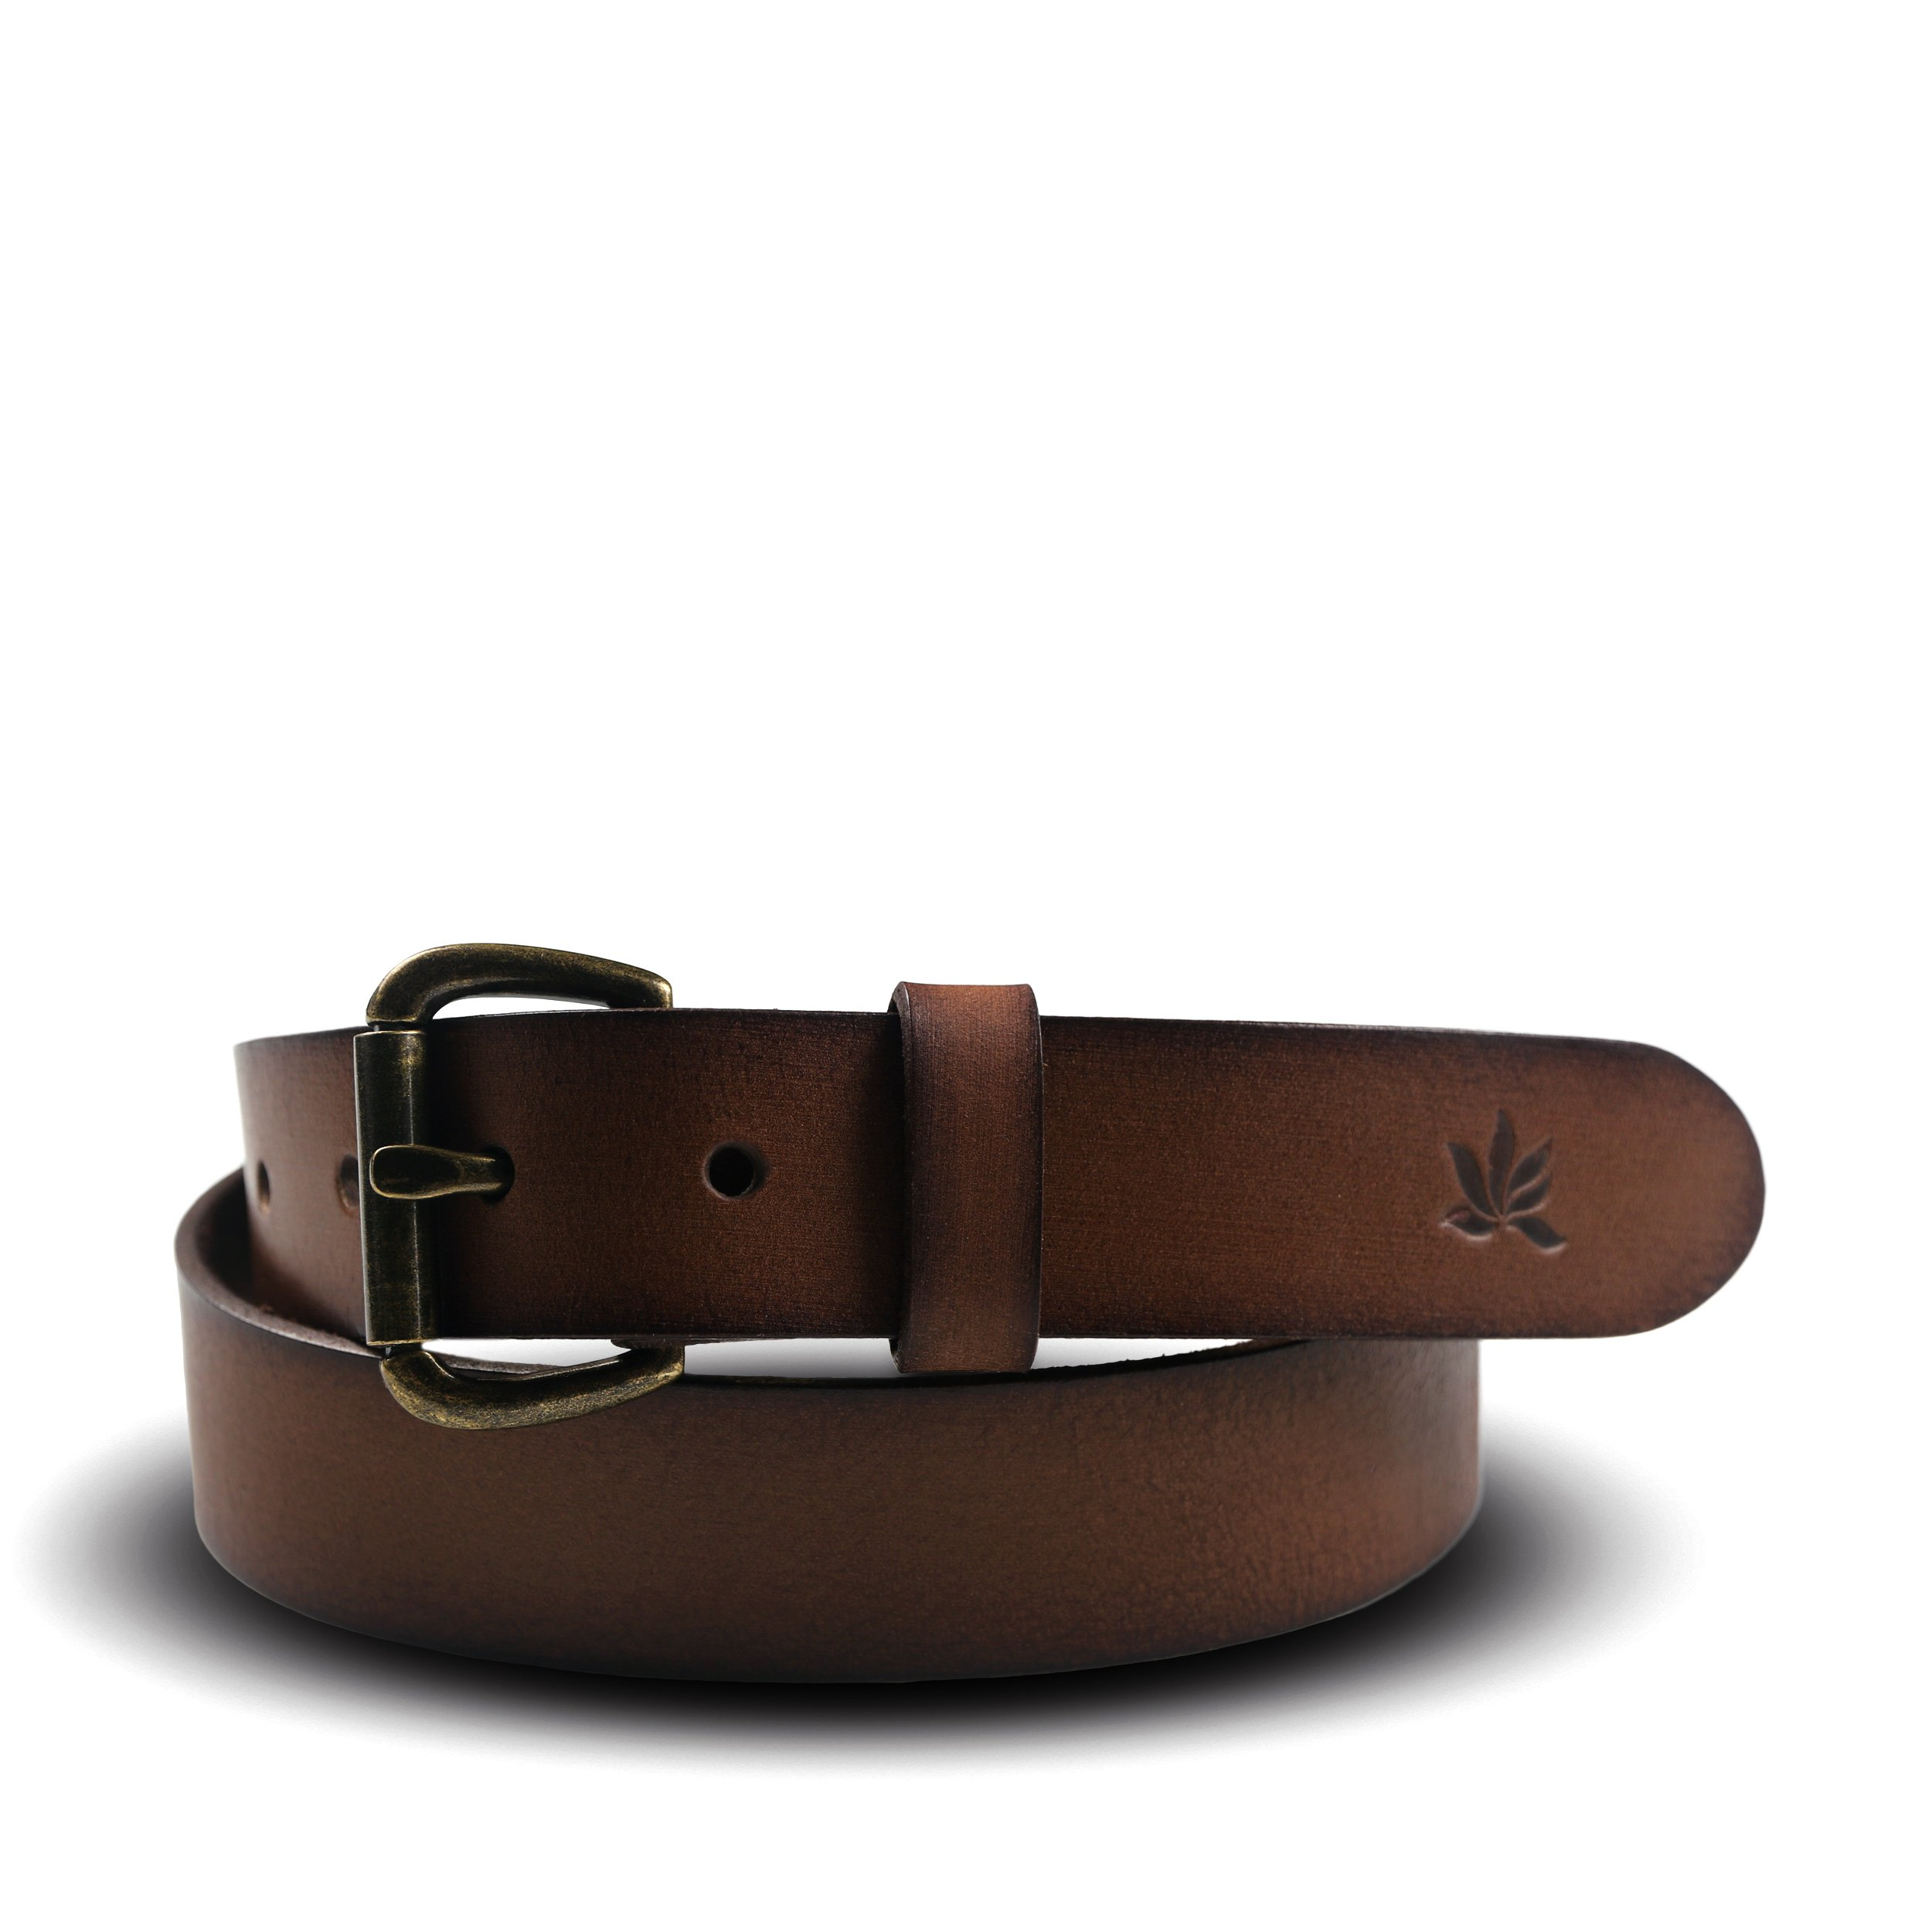 Medium leather